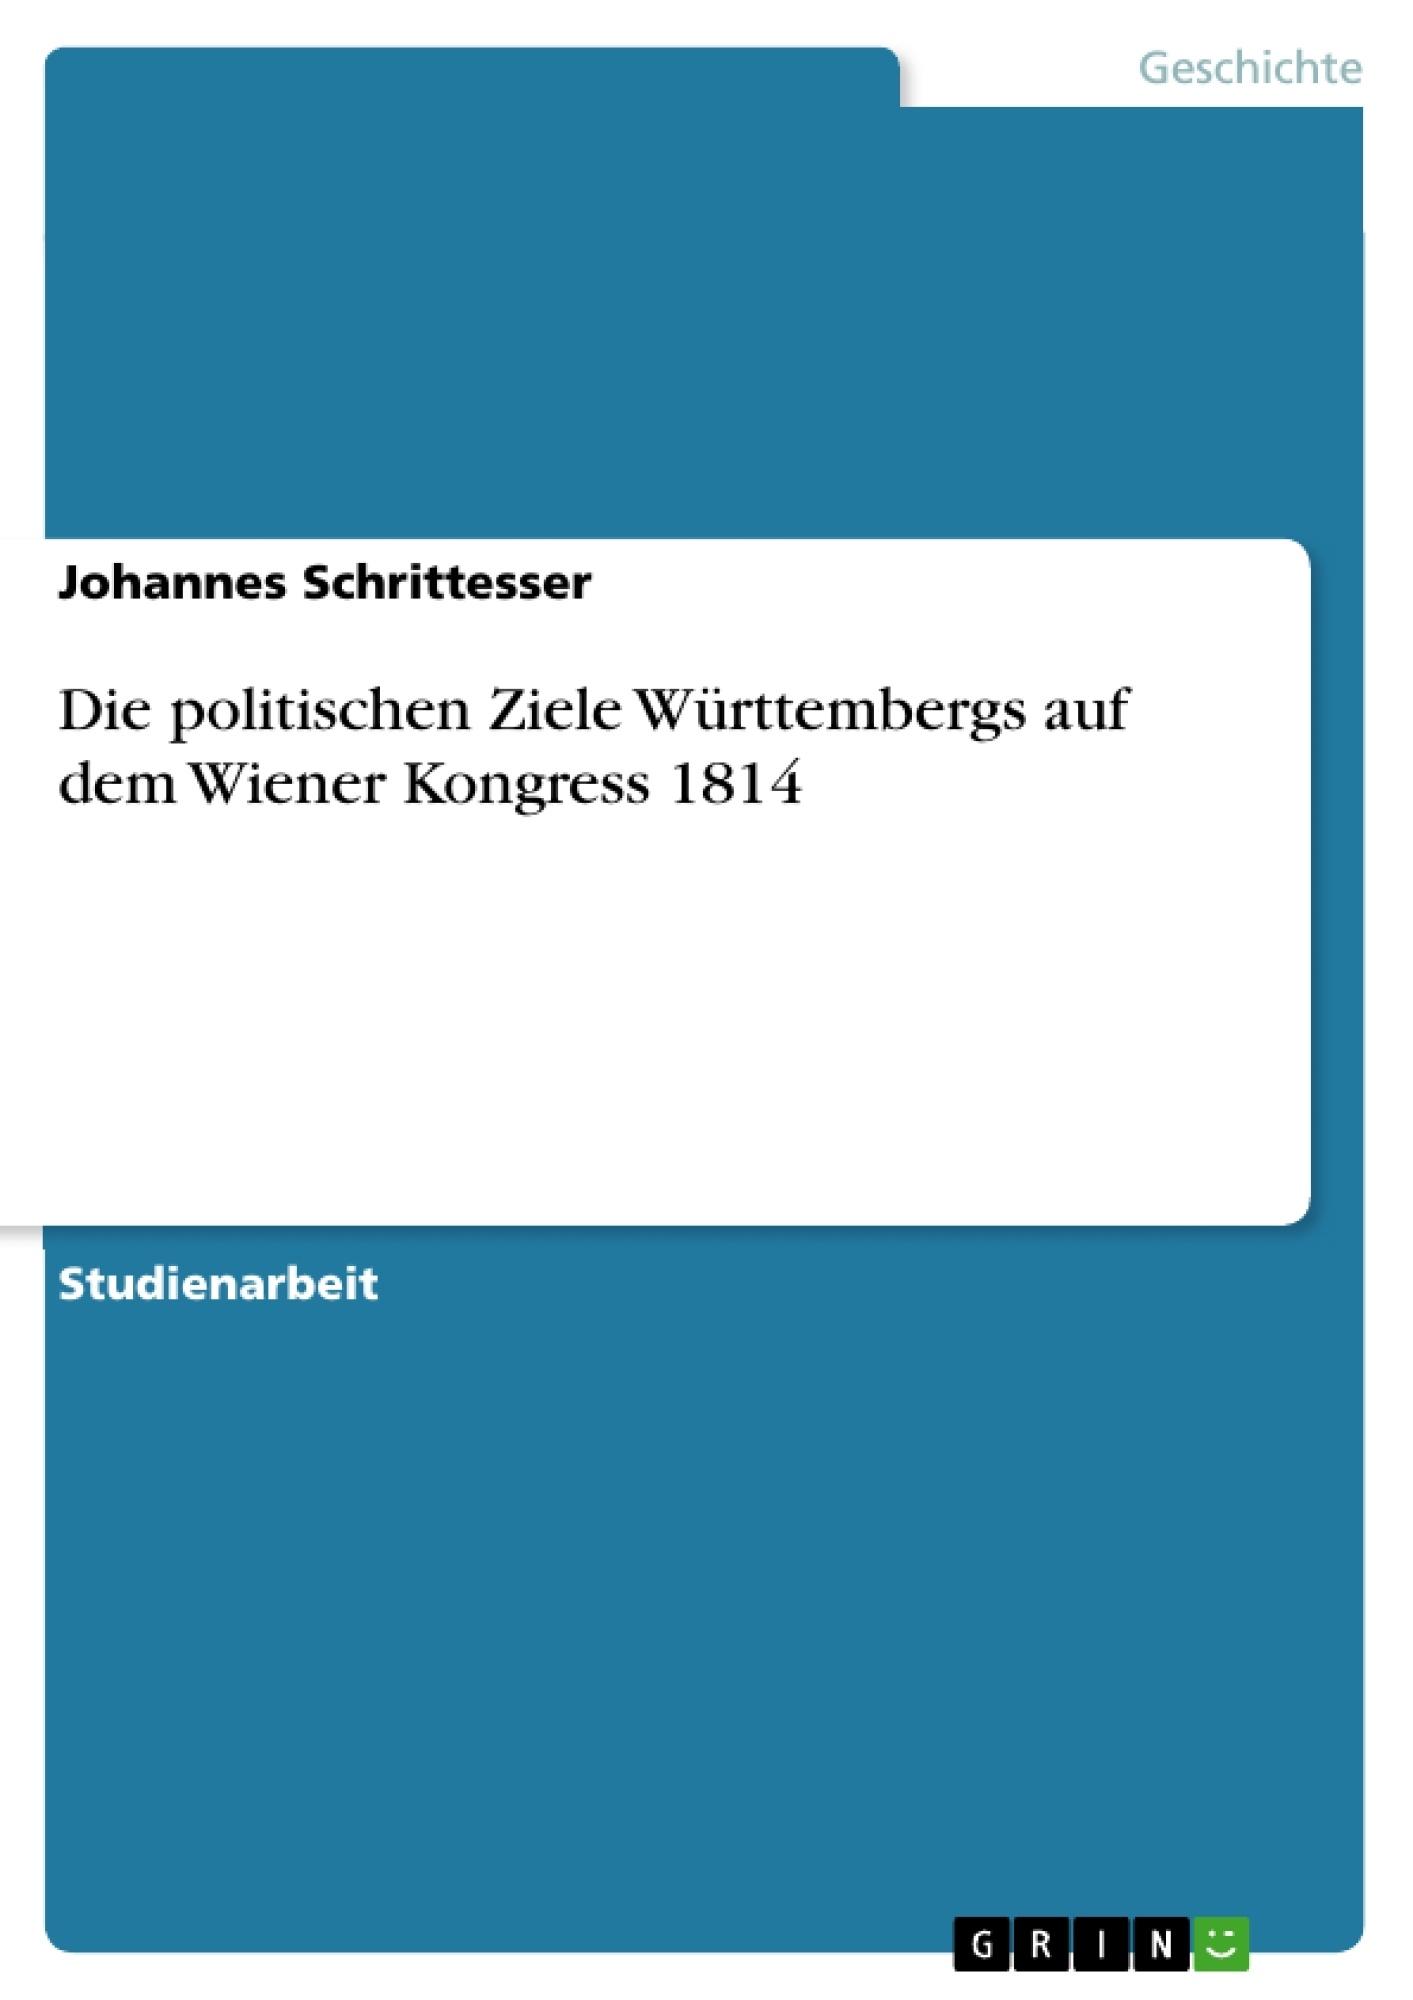 Titel: Die politischen Ziele Württembergs auf dem Wiener Kongress 1814